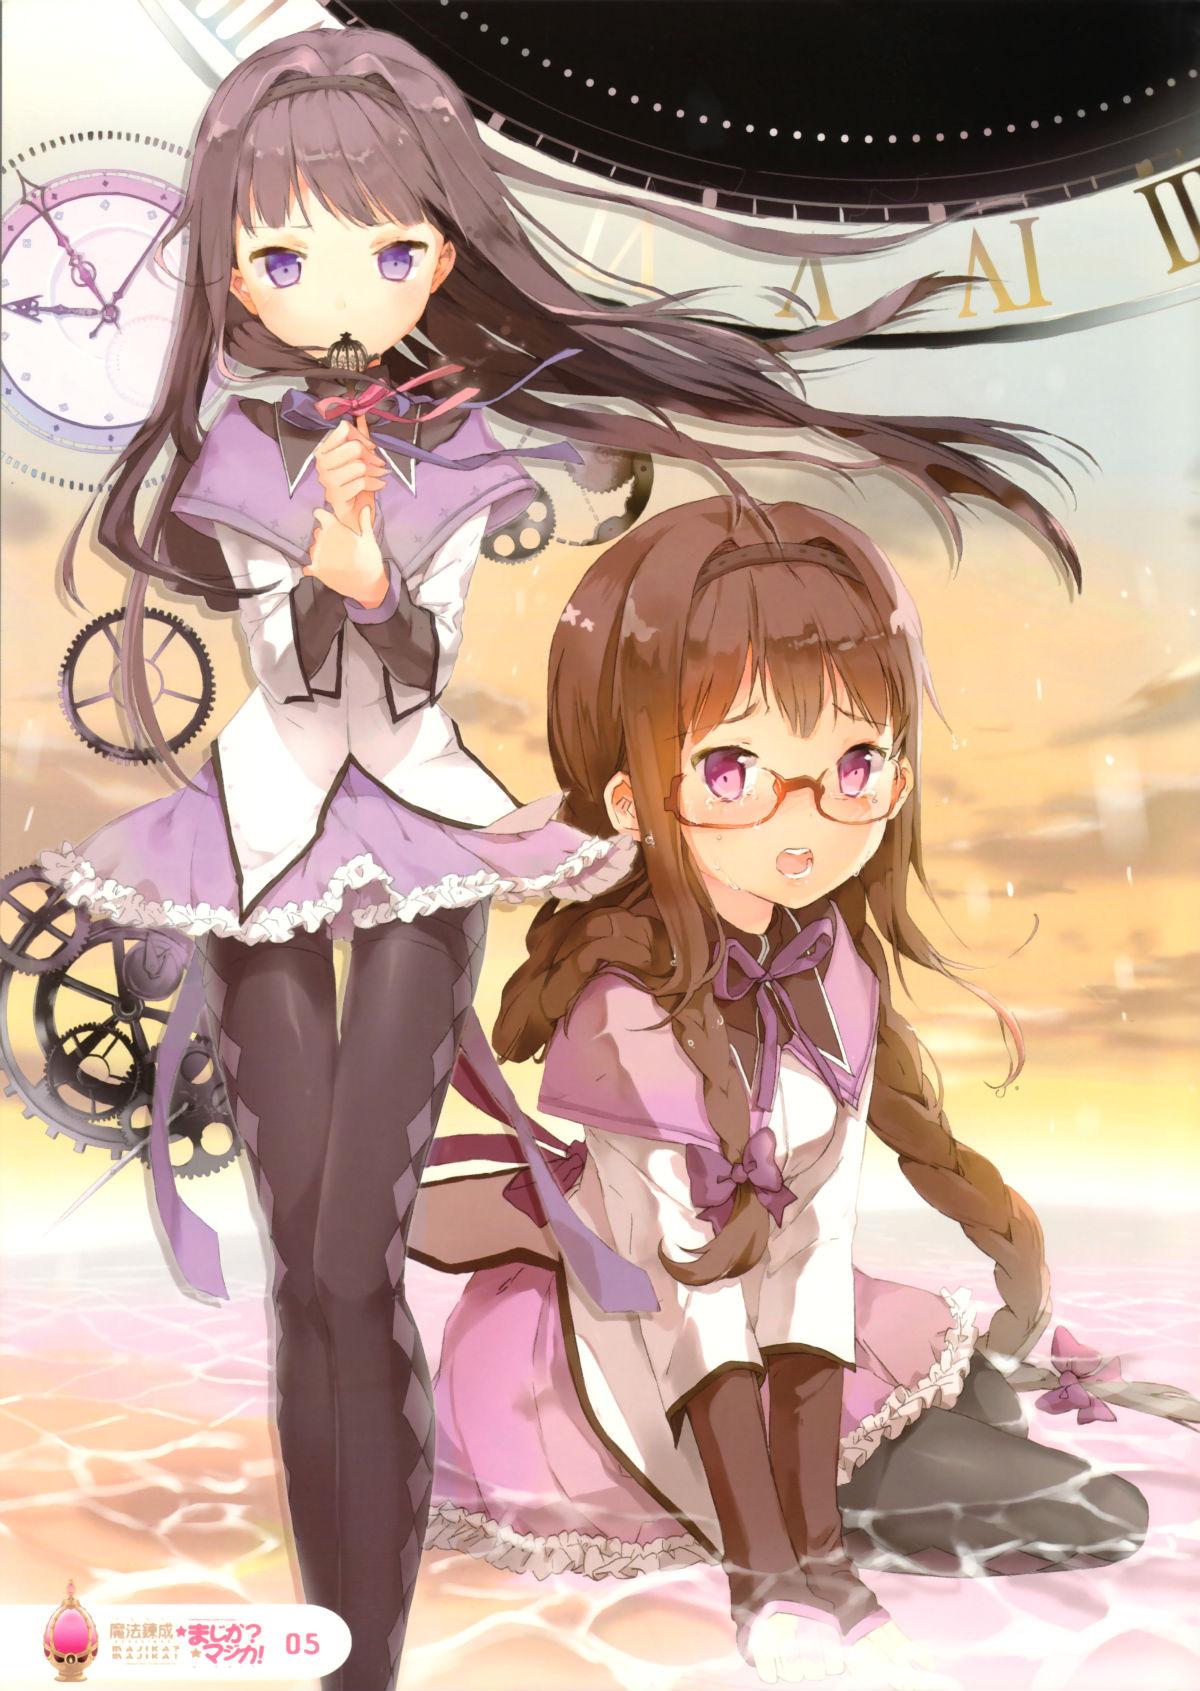 『偶偶偶偶ノ』°一些魔法少女小圆的图啊图啊